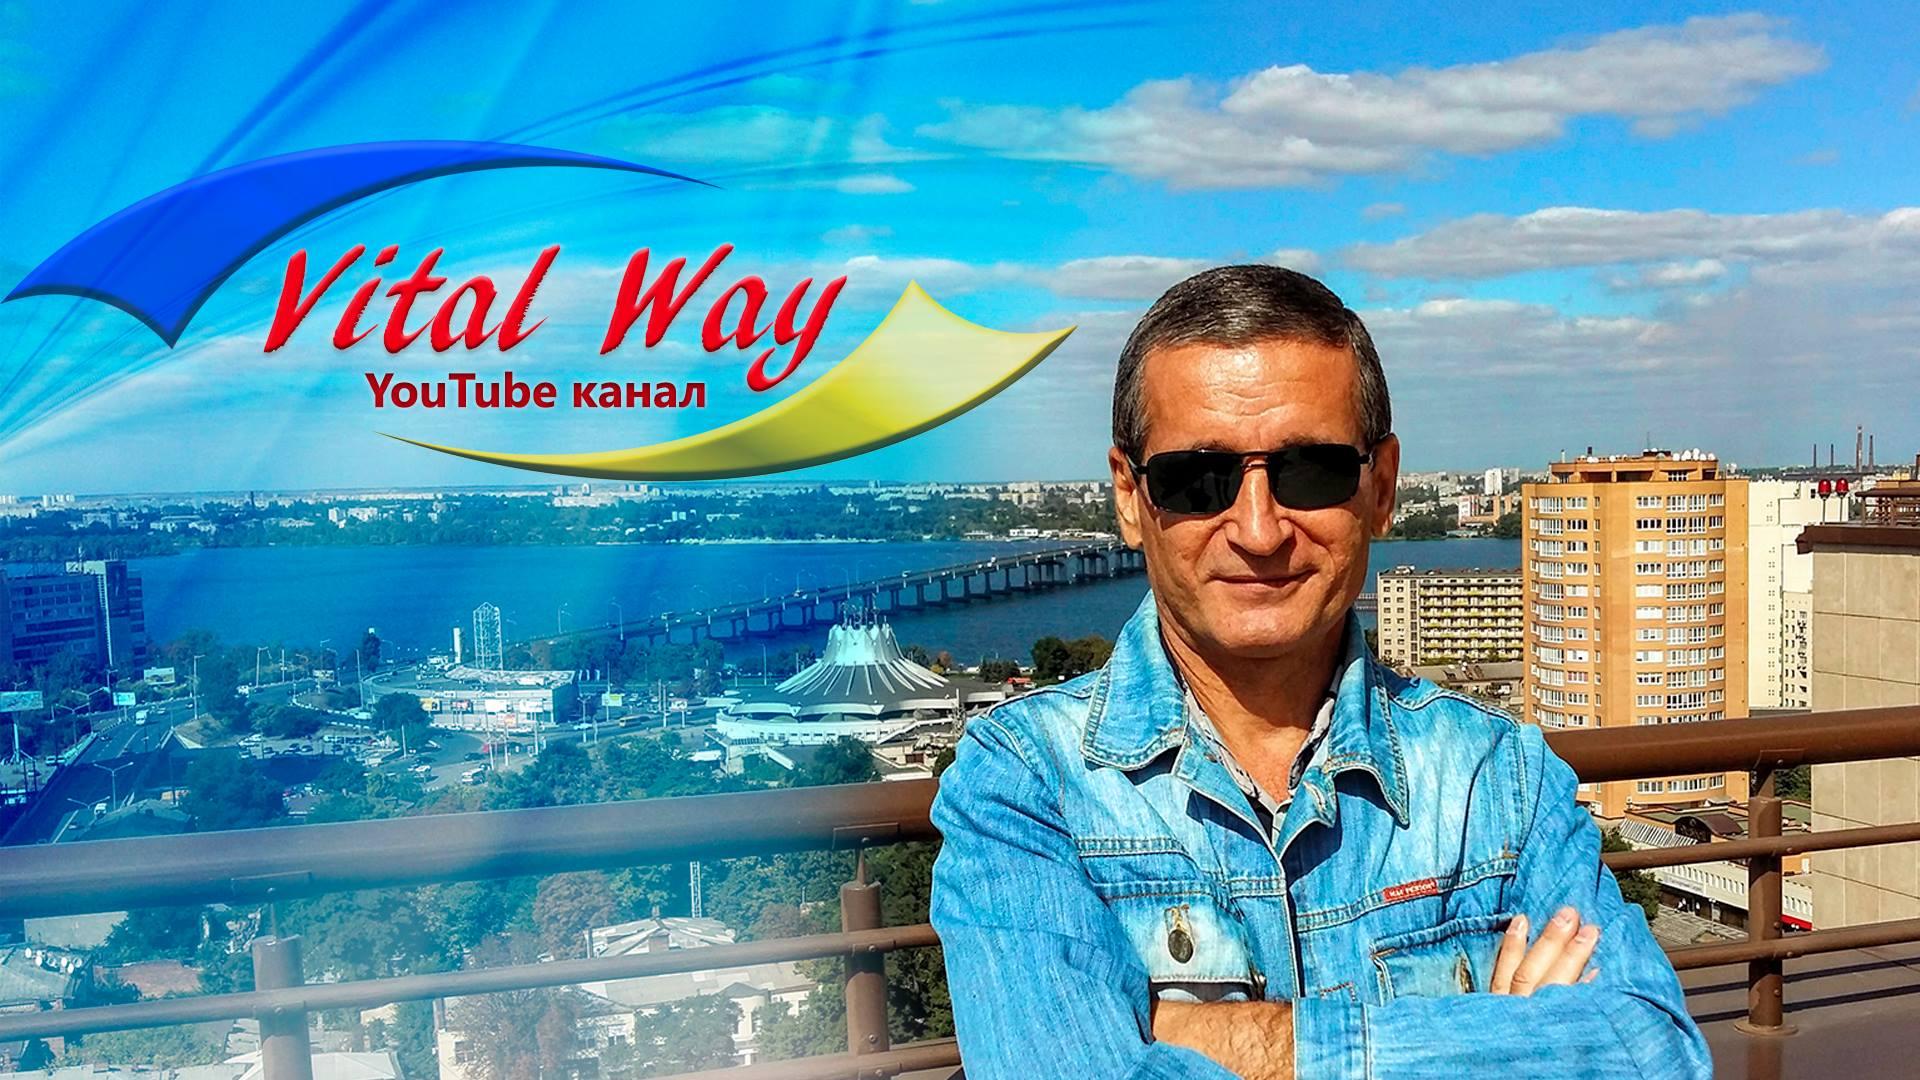 Сейчас Виталий Пискун – один из ведущих видеоблогеров Днепра Виталий Пискун: «Считаю себя лучшим видеоблогером Днепра!»